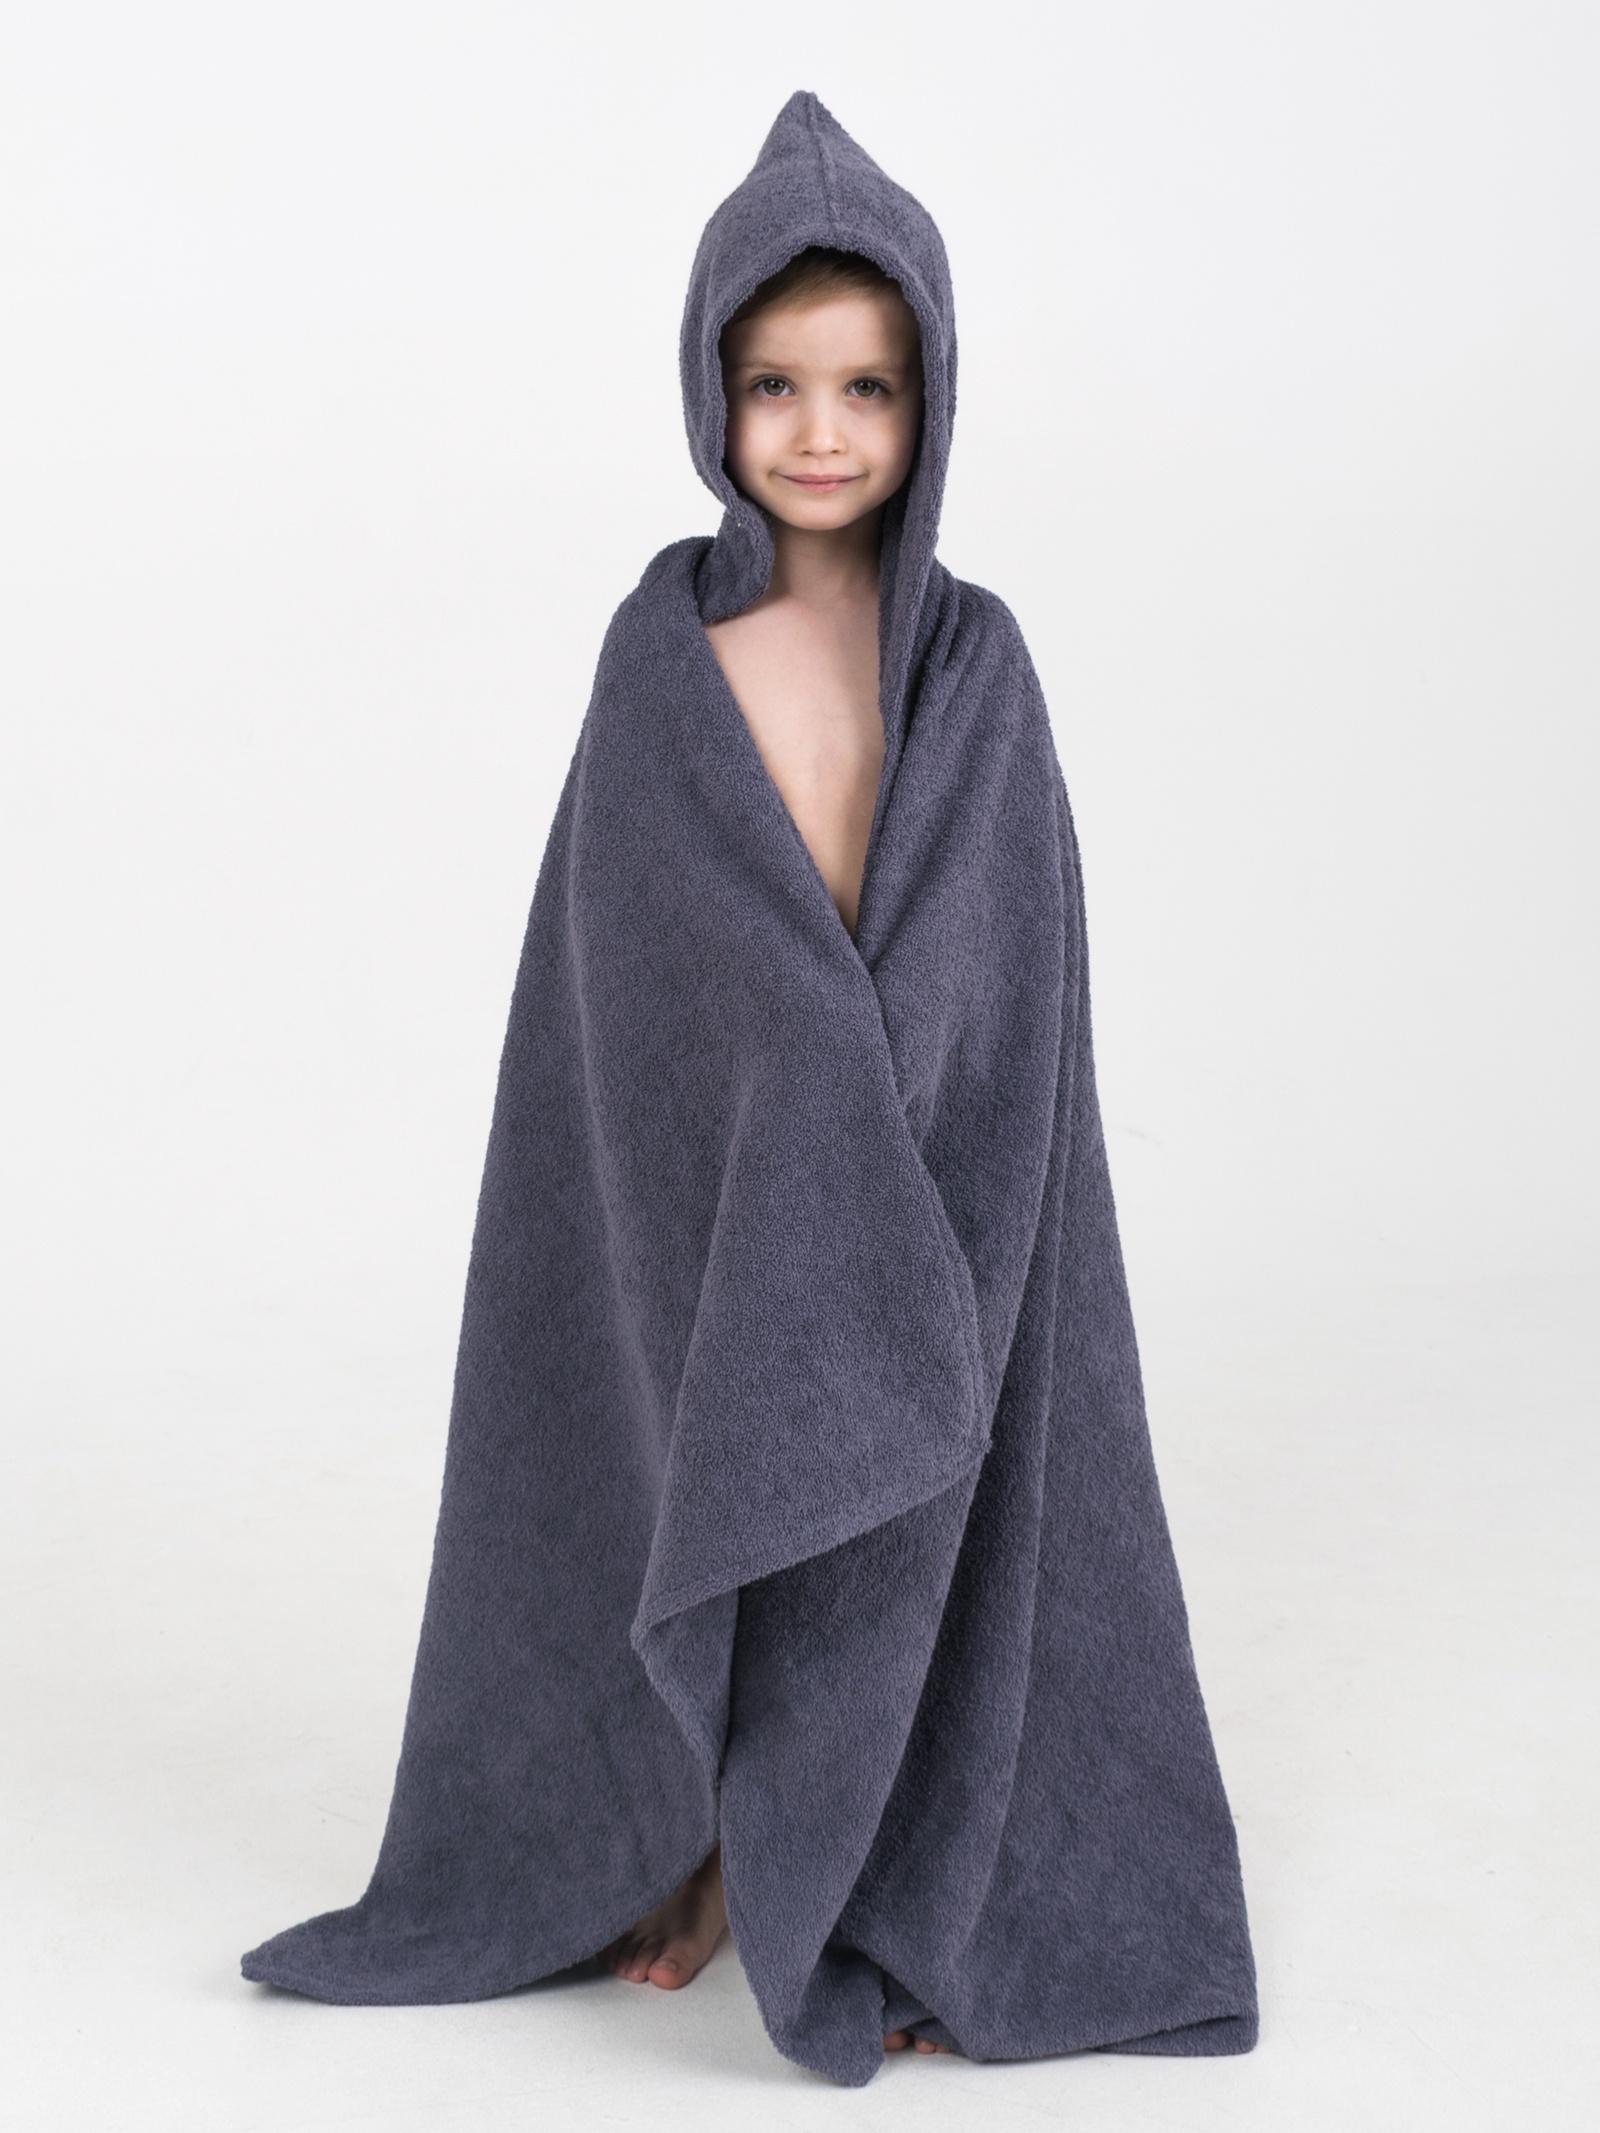 Полотенце детское BabyBunny Полотенце с капюшоном - Серое, M, серый 3 sprouts детское полотенце с капюшоном морж blue walrus 28649